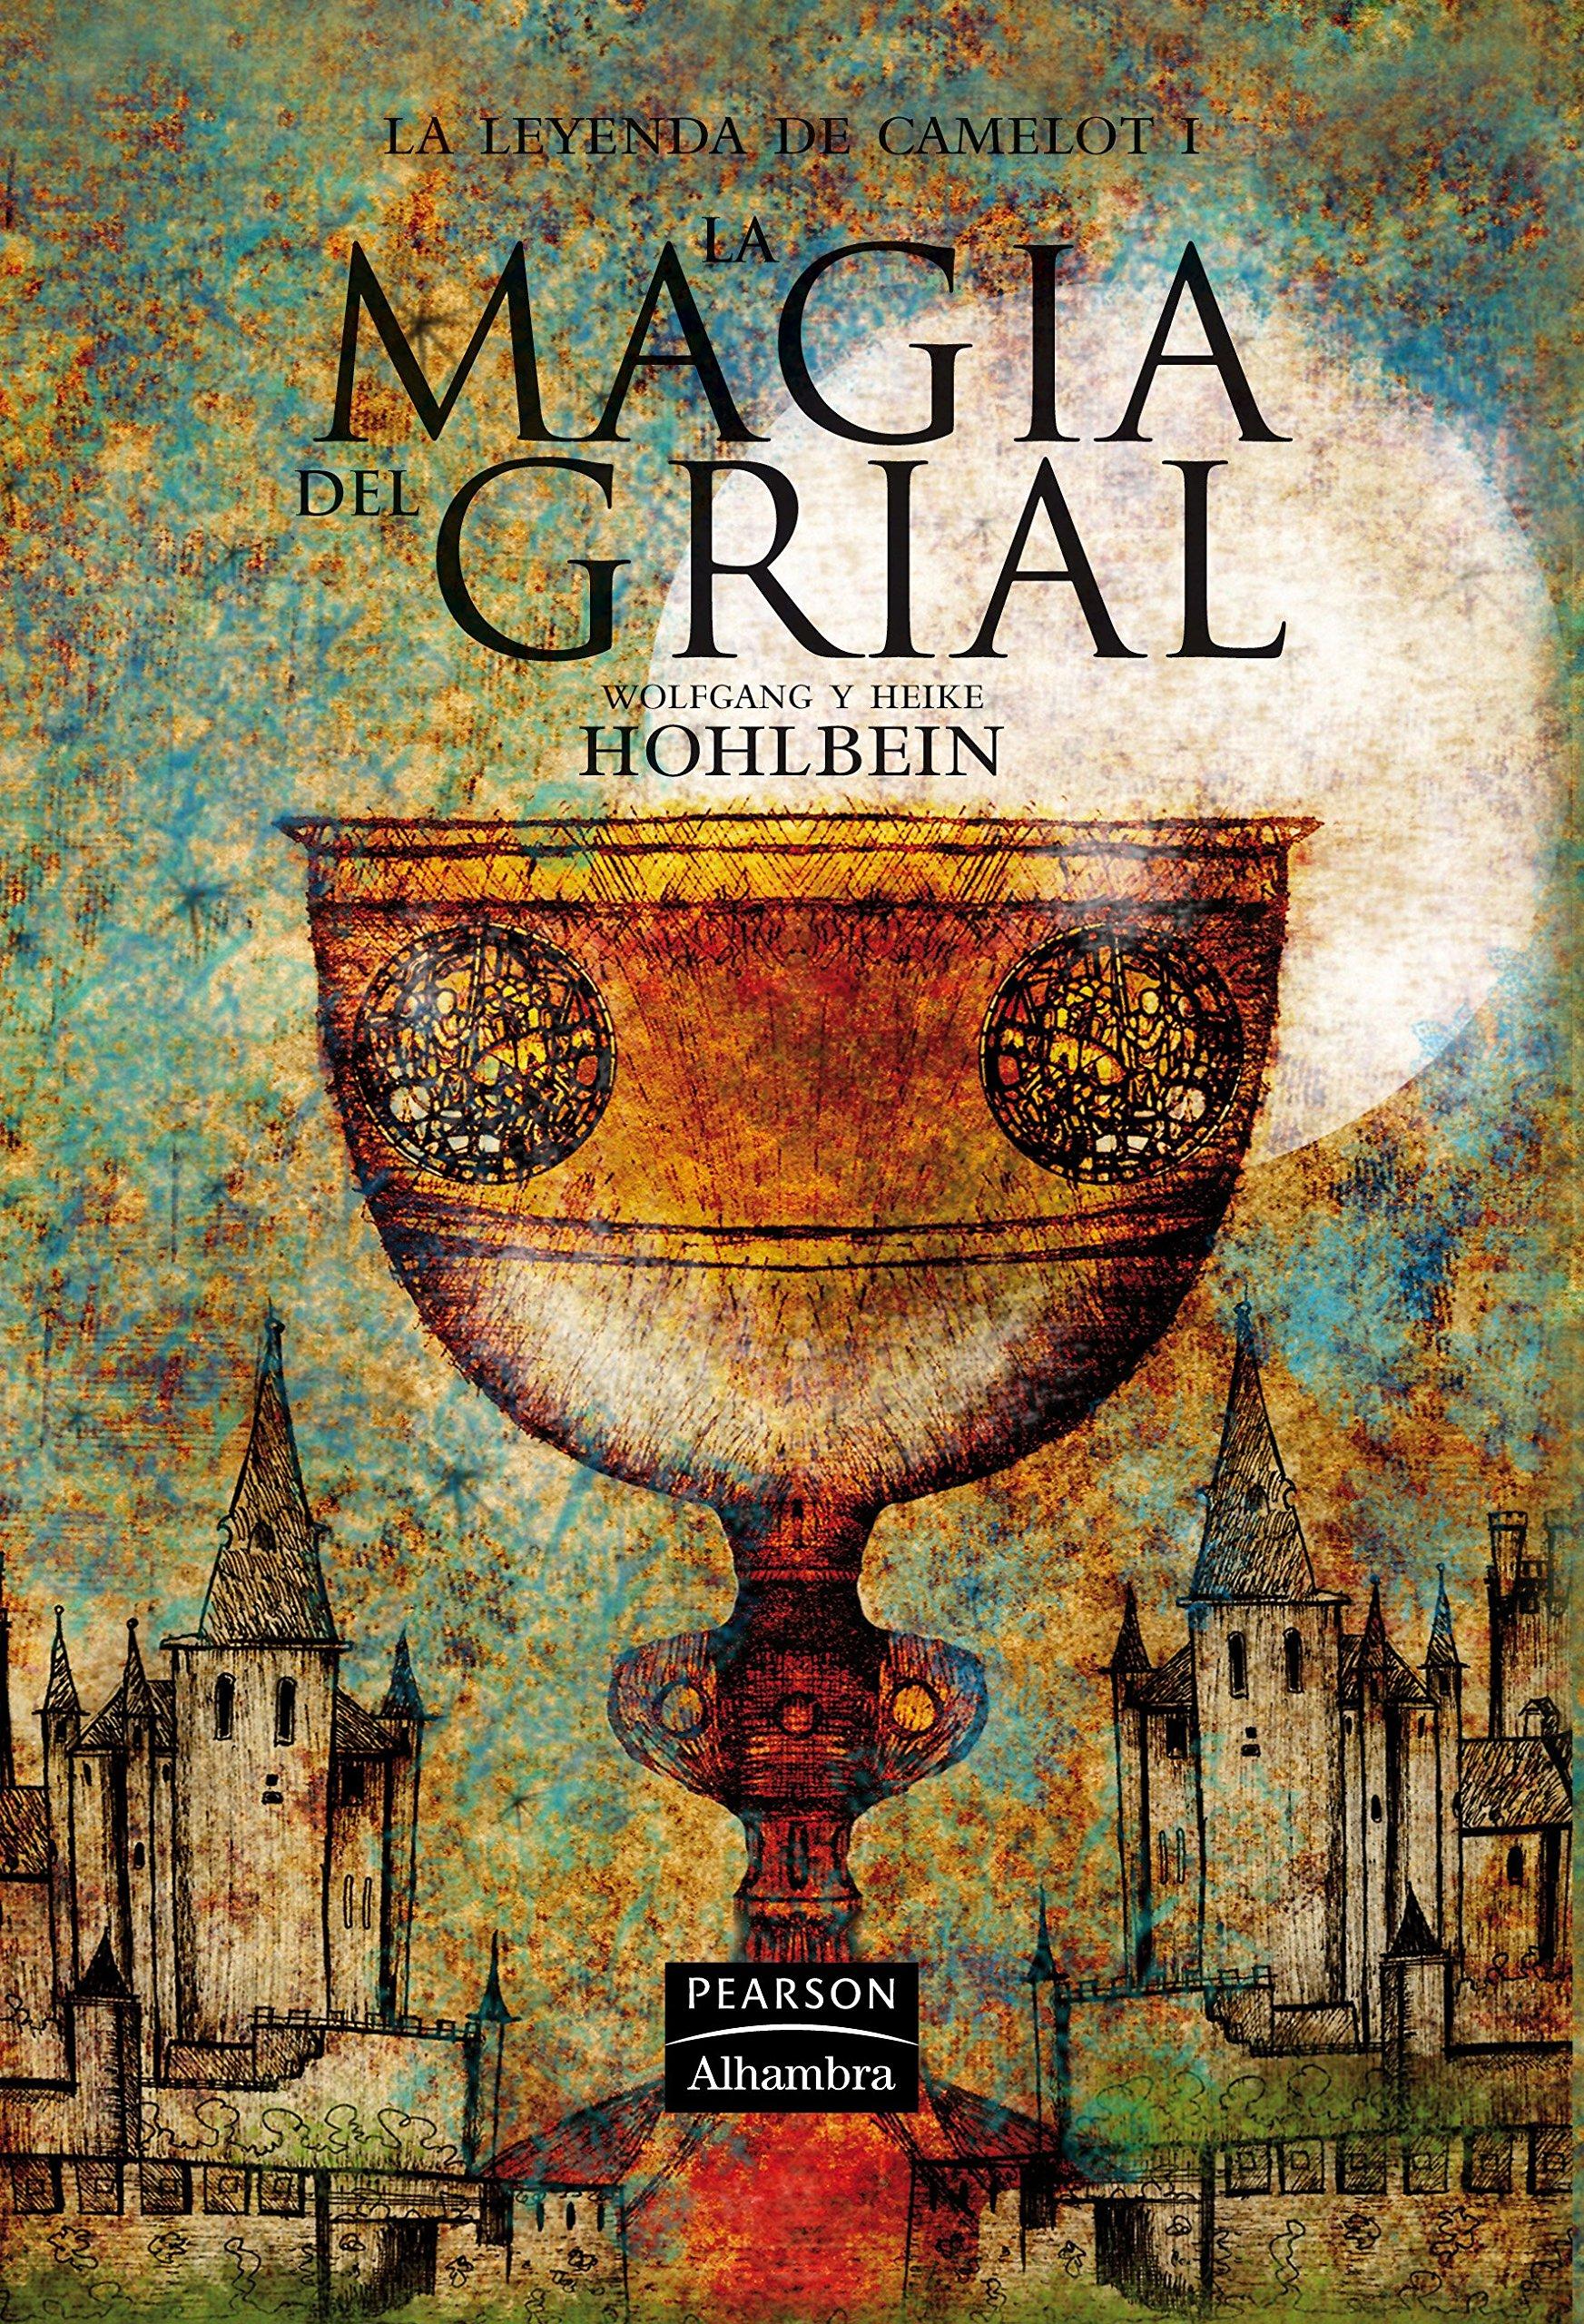 La magia del grial (La leyenda de Camelot): Amazon.es: Hohlbein, Wolfgang, Hohlbein, Heike: Libros